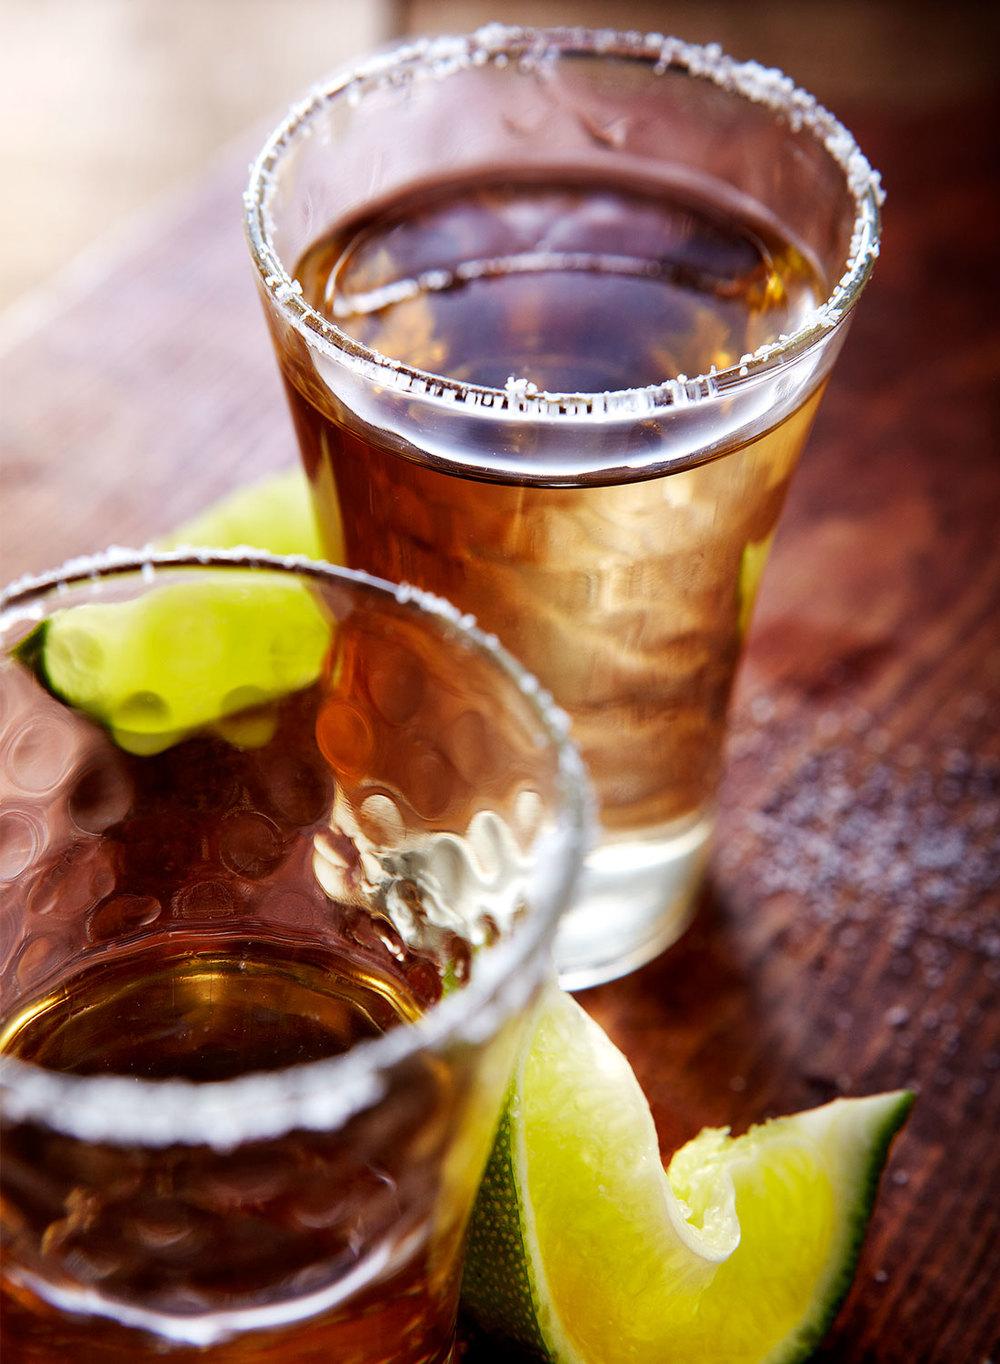 14_Tequila.jpg